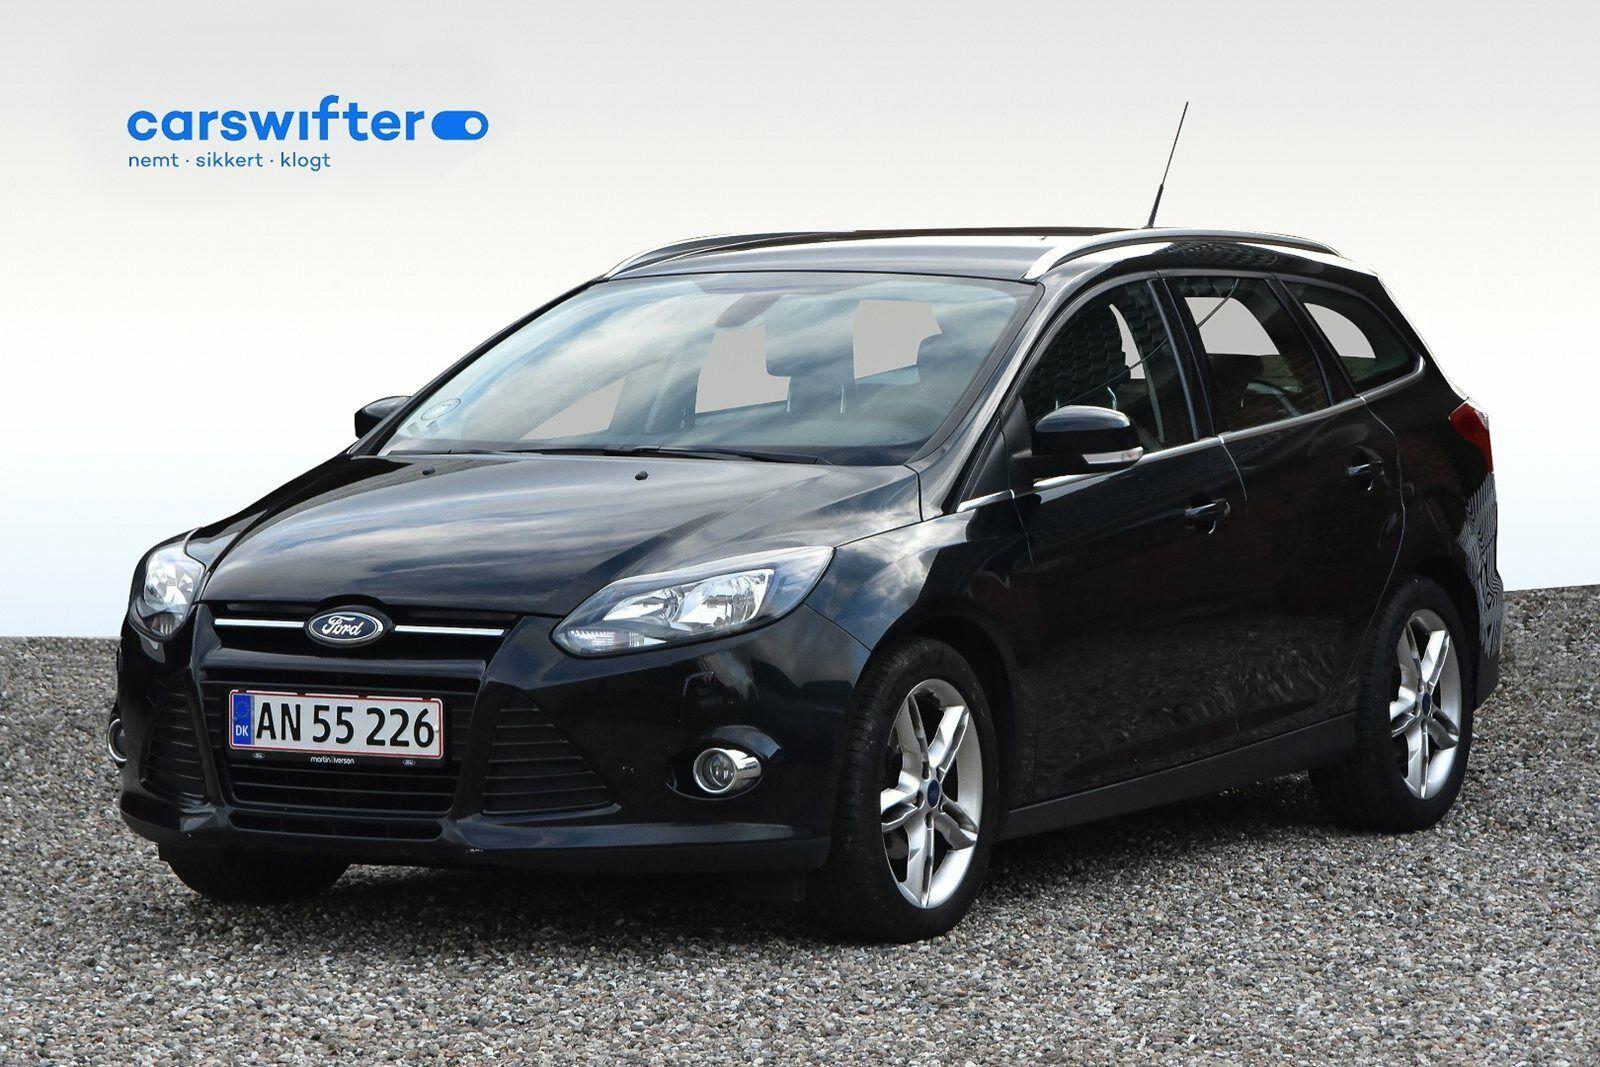 Ford Focus 1,0 SCTi 125 Titanium stc. ECO 5d - 129.900 kr.